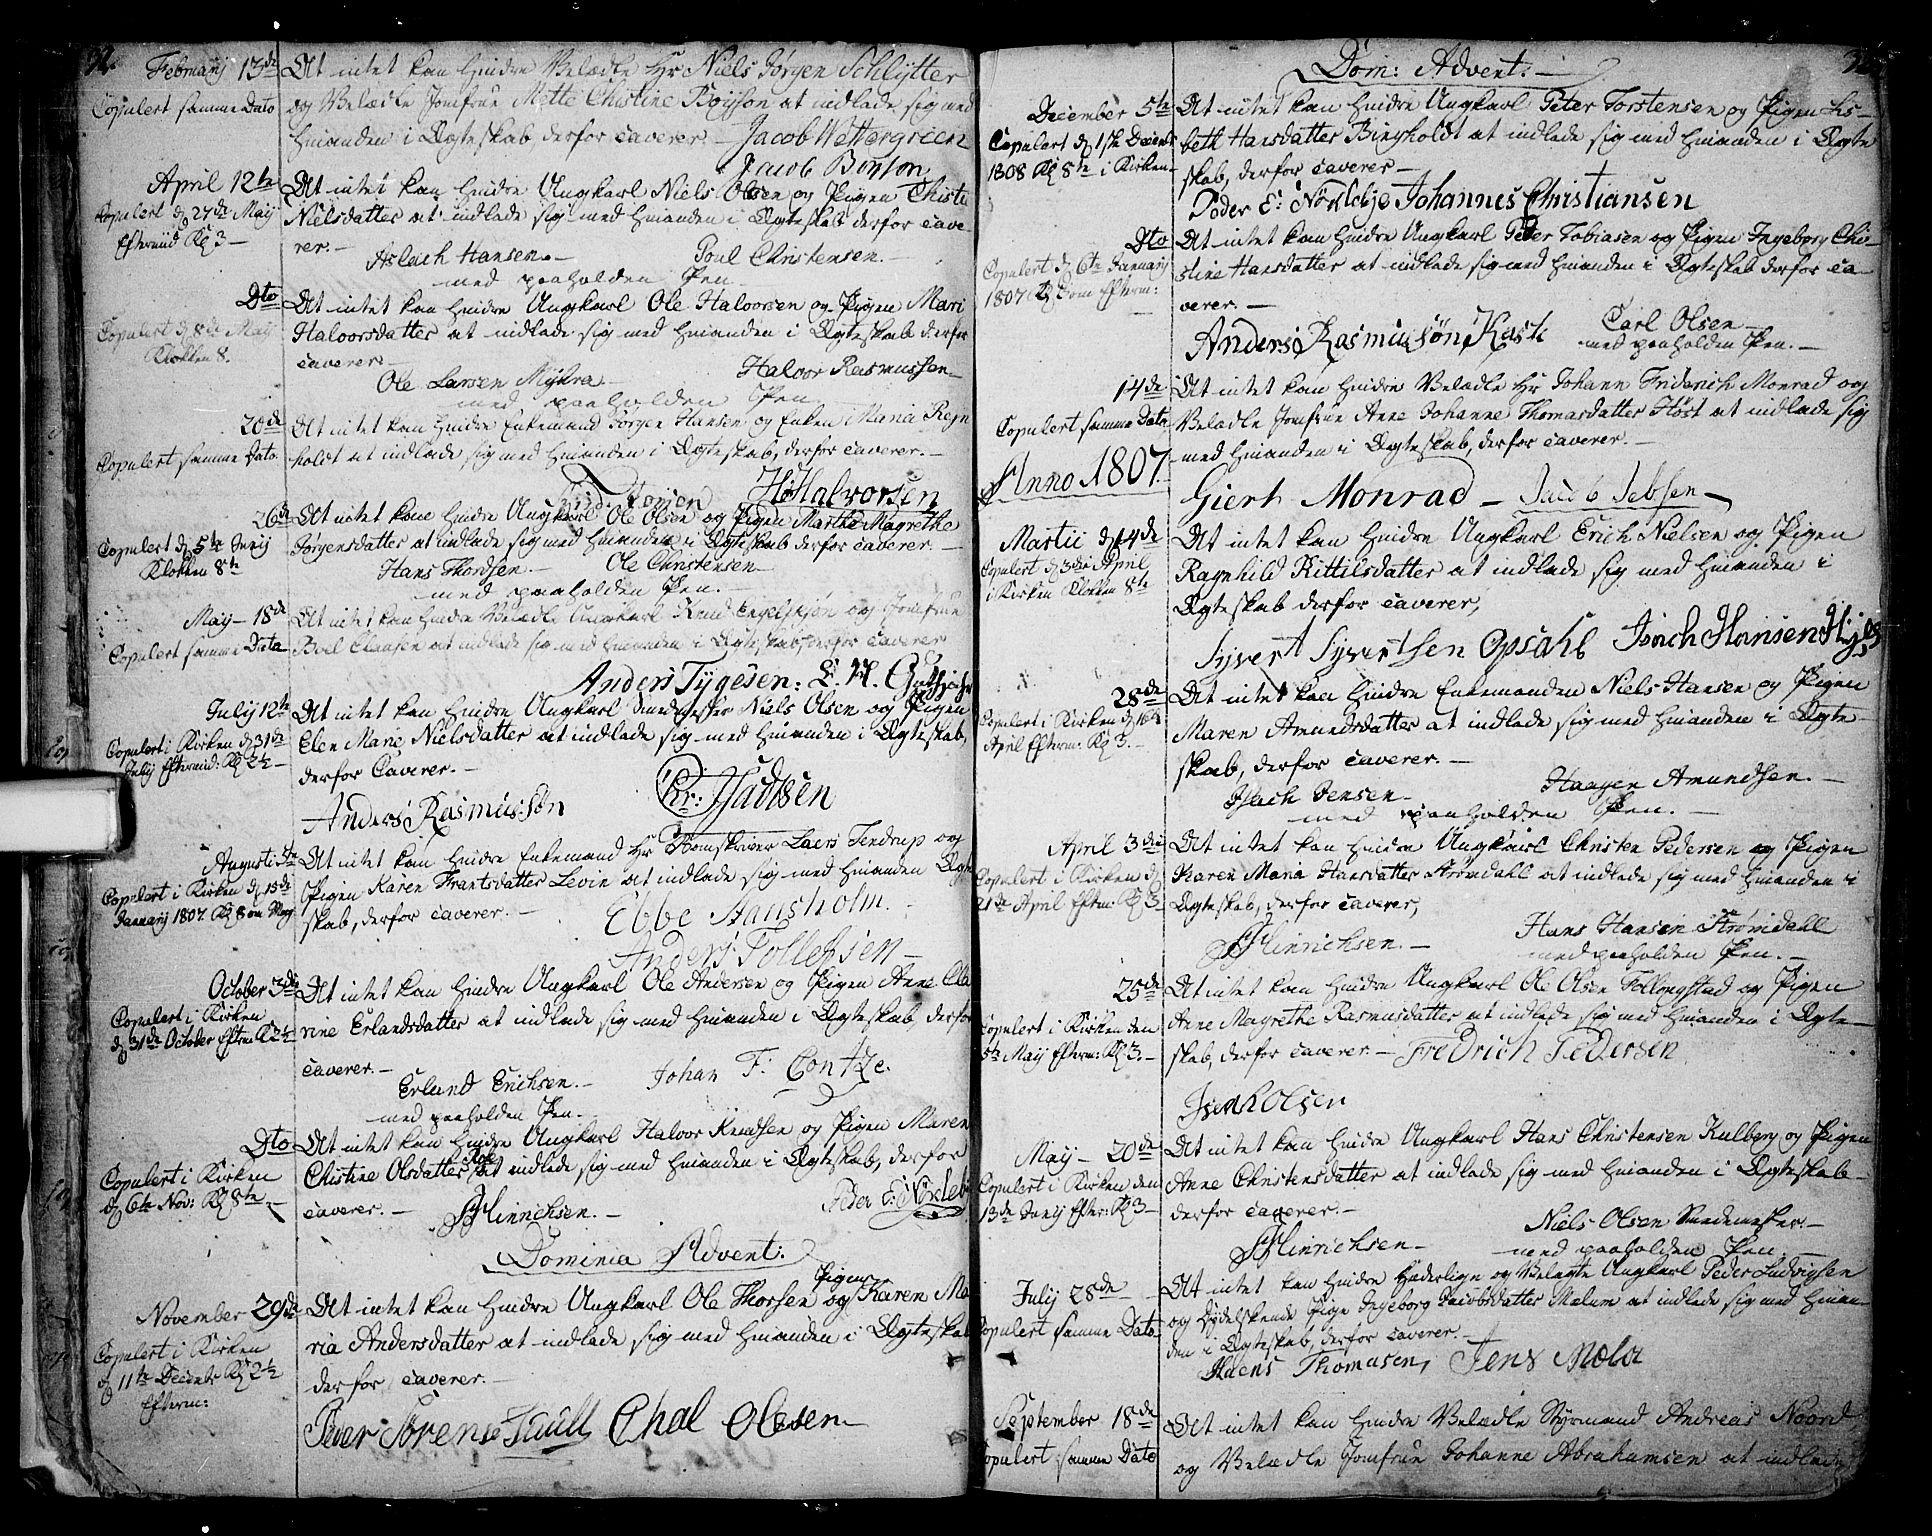 SAKO, Skien kirkebøker, F/Fa/L0004: Ministerialbok nr. 4, 1792-1814, s. 32-33